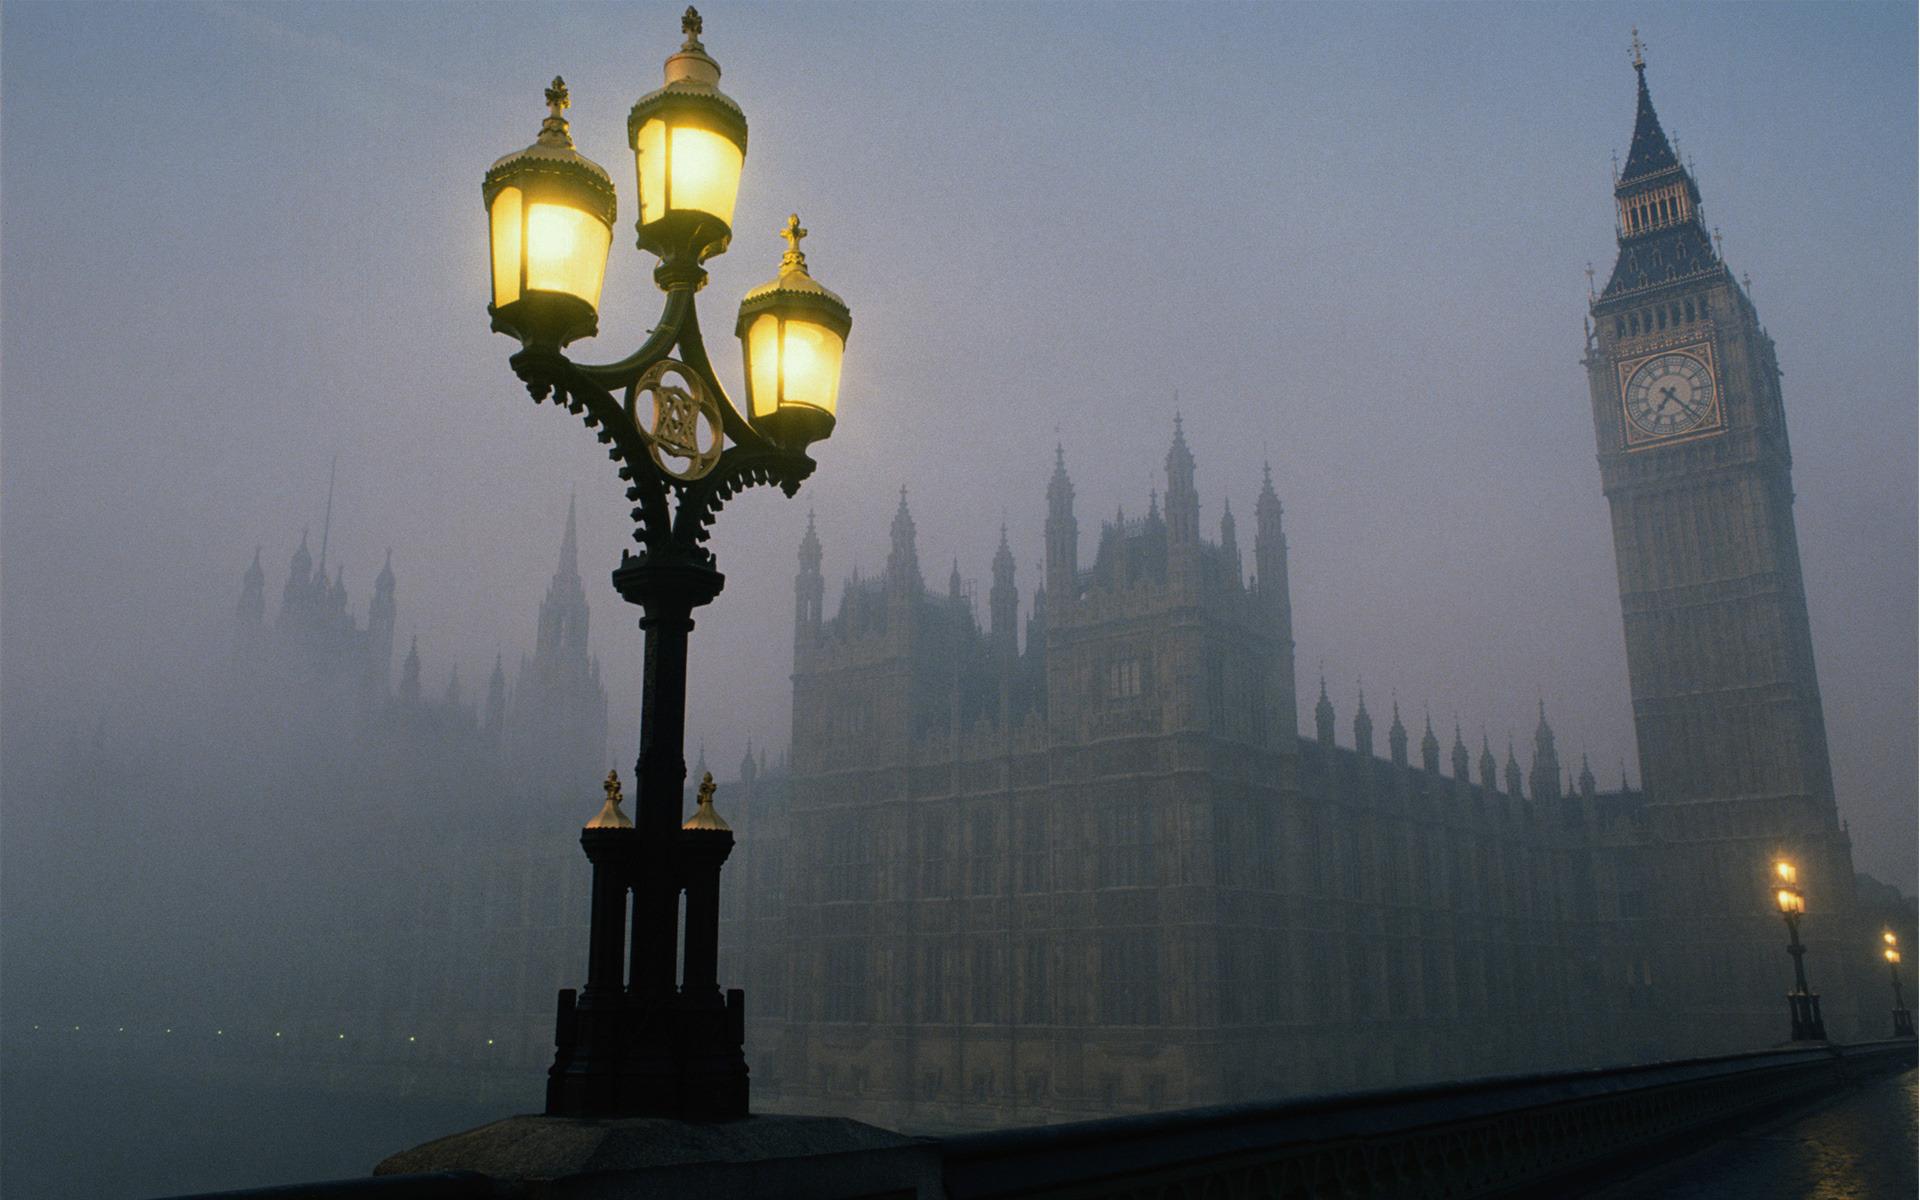 Лондон утро биг бен часы обои фото